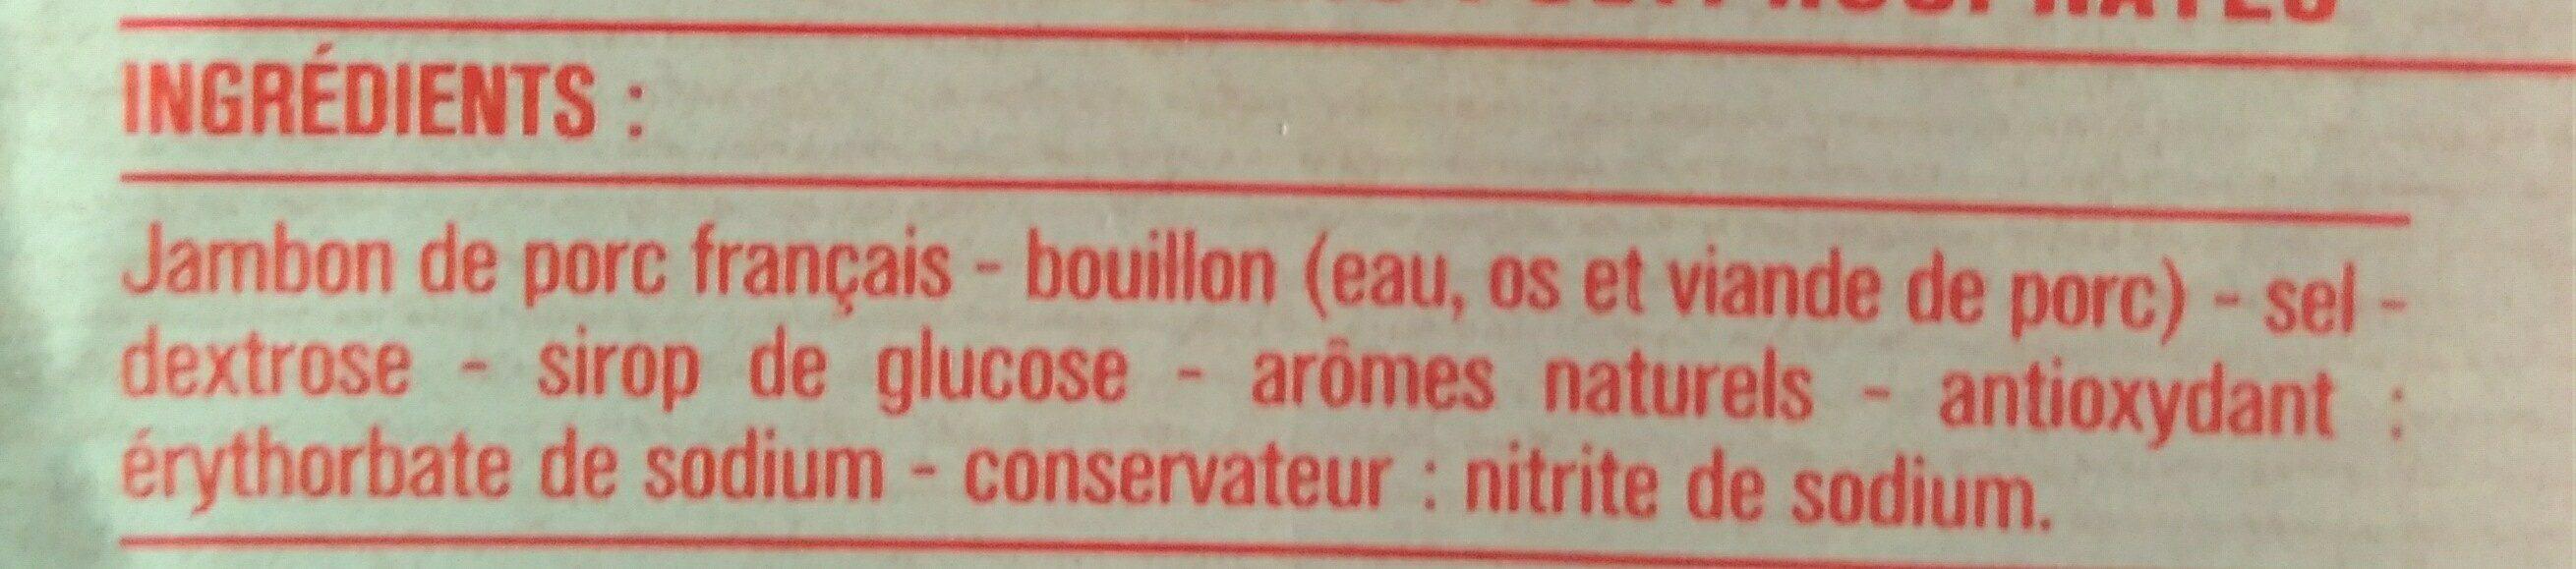 Jambon de Paris - Ingredients